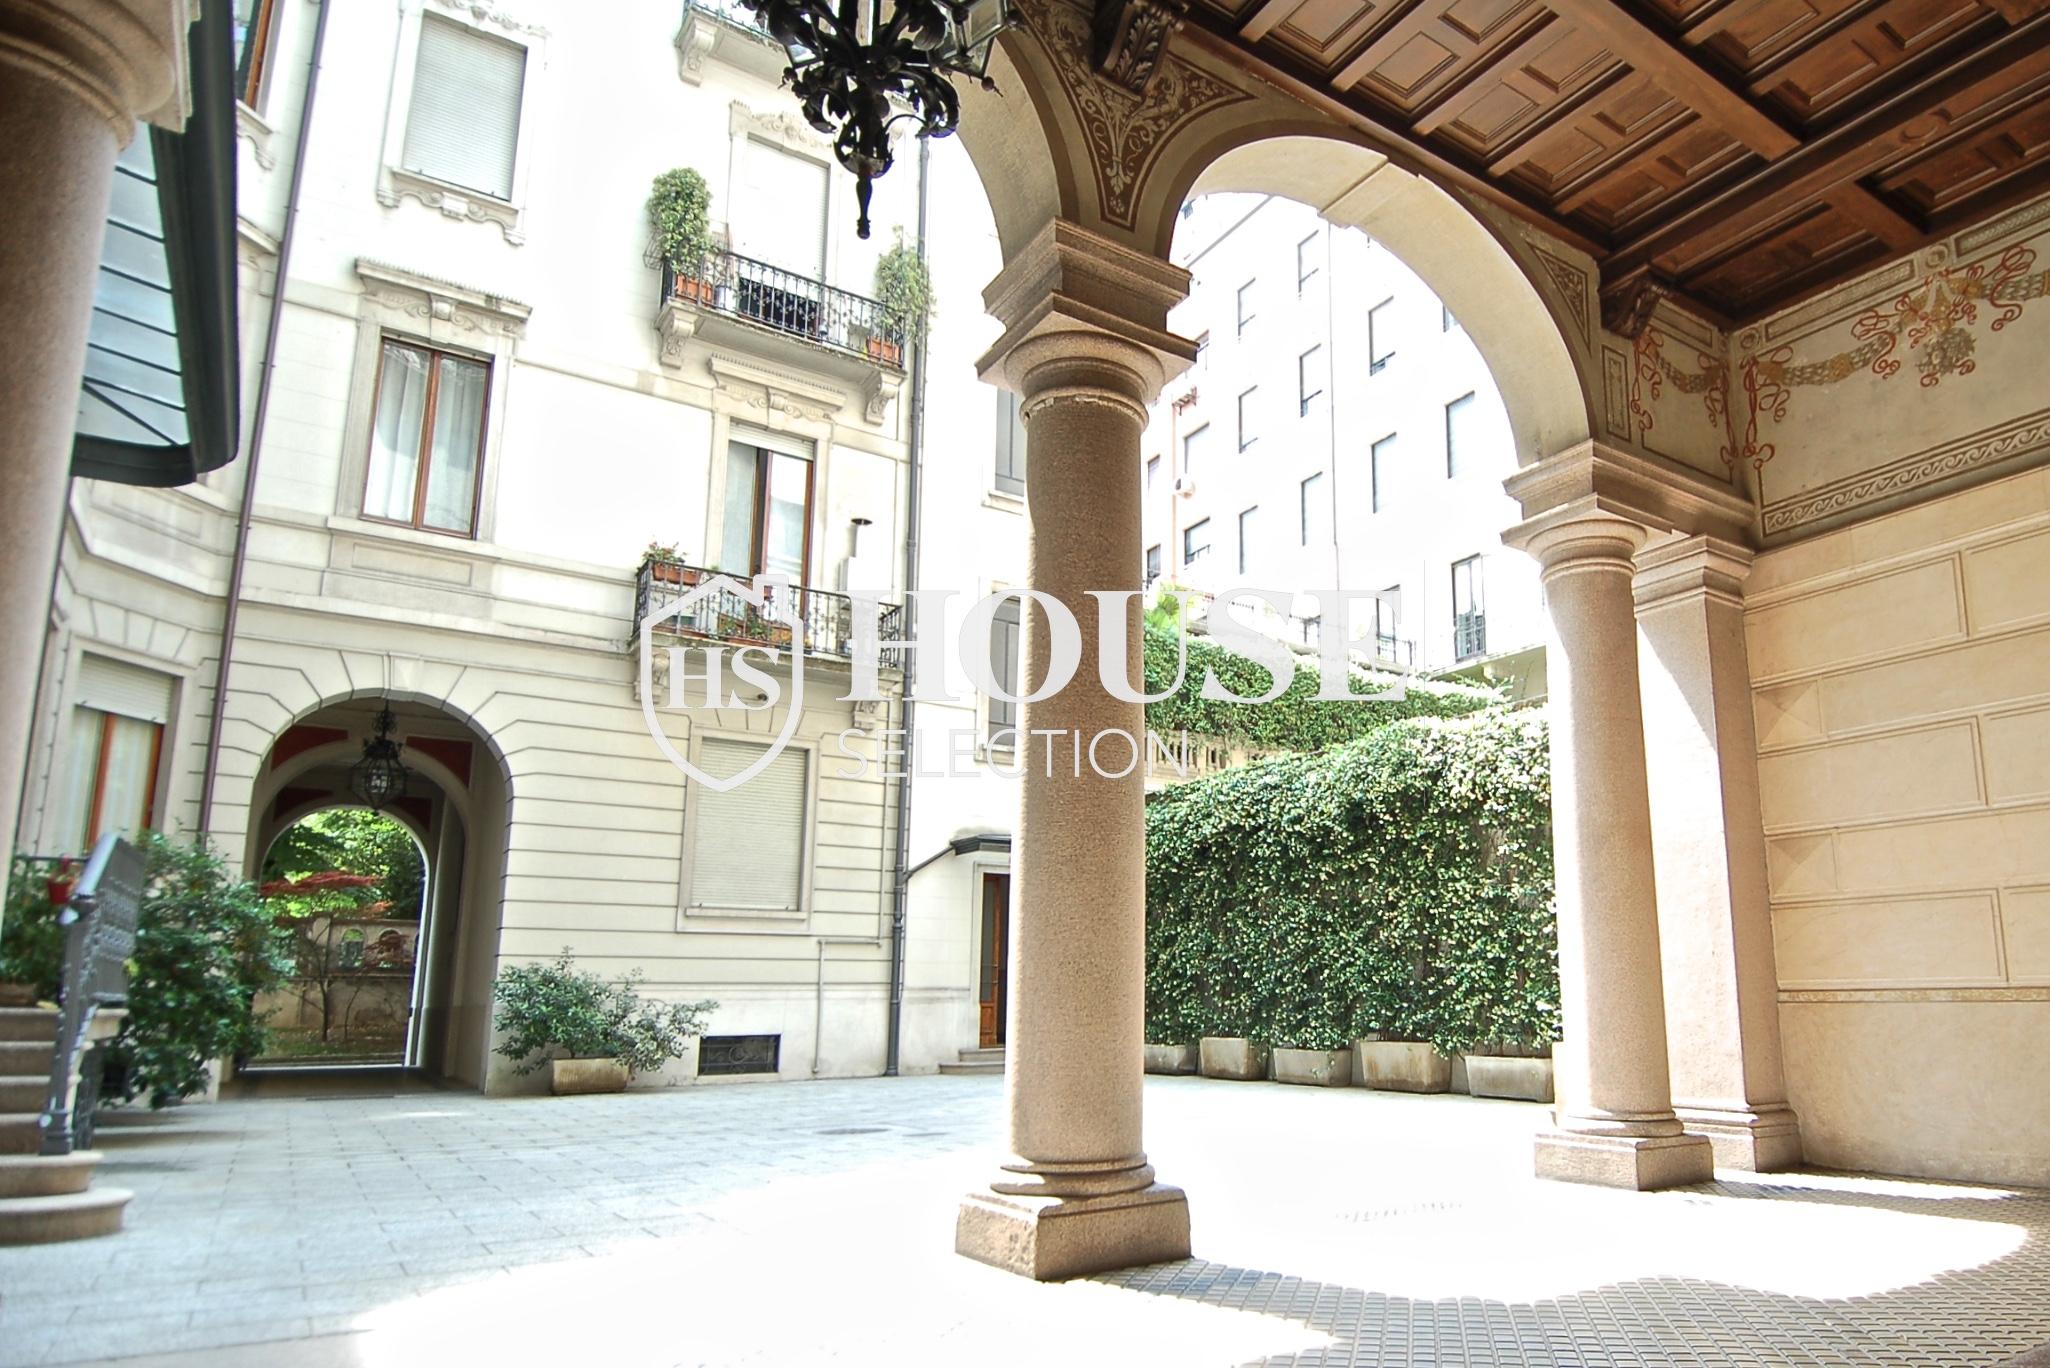 Affitto appartamenti Pagano, mm metropolitana, Mascheroni, stabile epoca, signorile, posto auto, Milano 10